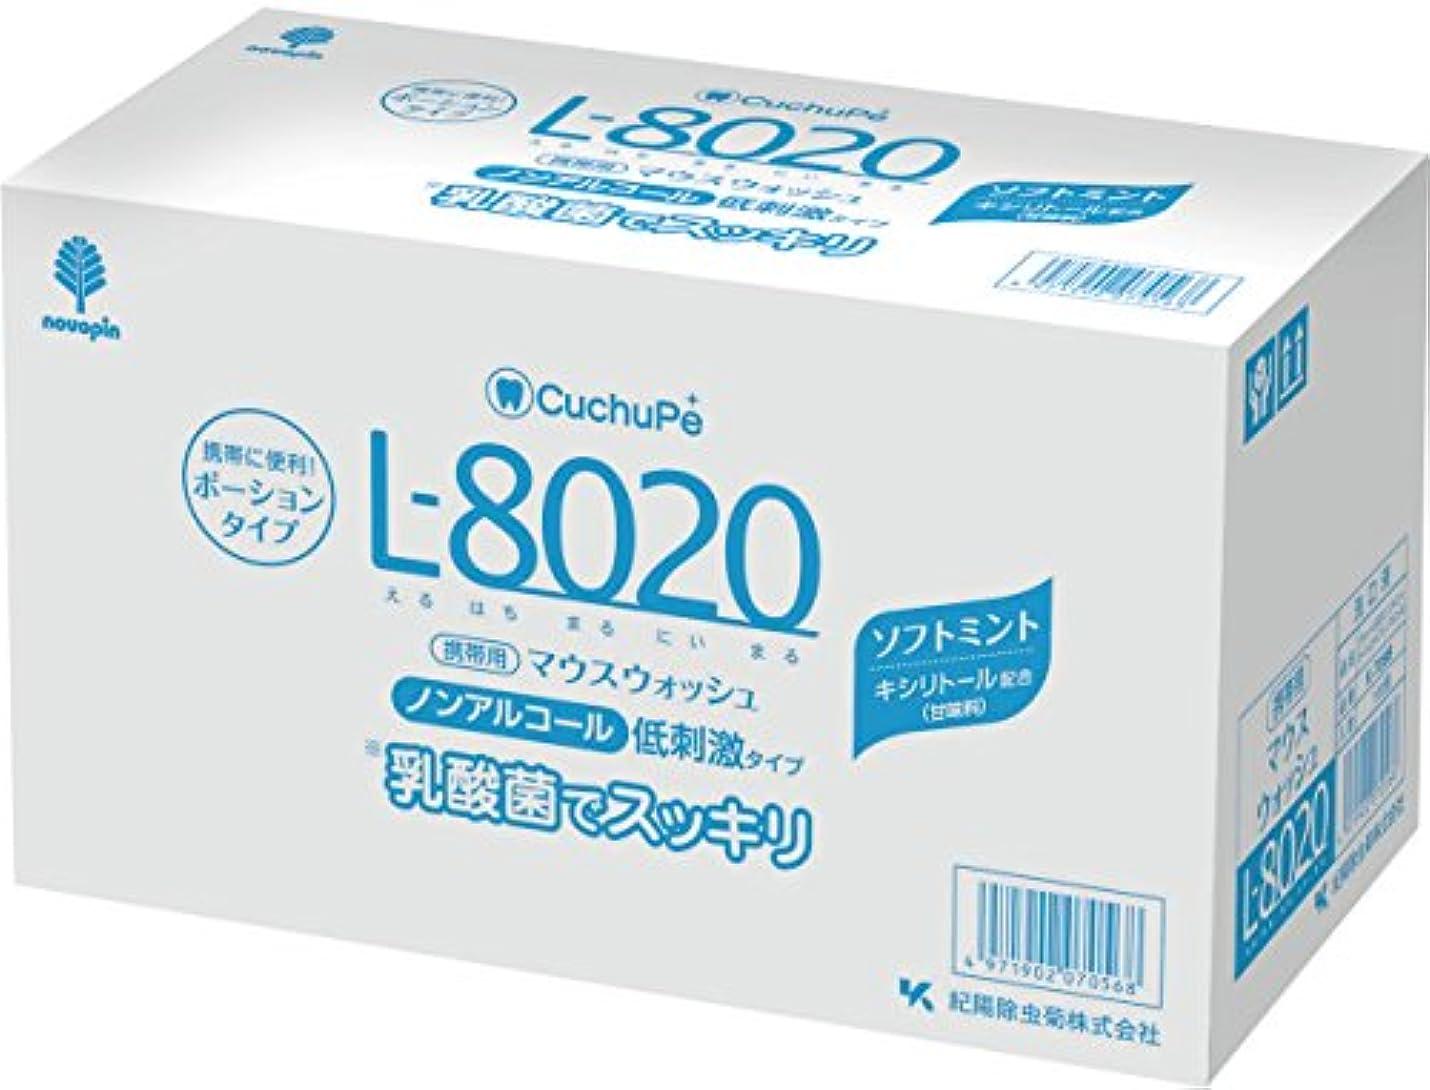 脚本上げる差し迫ったクチュッペ L-8020 マウスウォッシュ ソフトミント ポーションタイプ 100個入